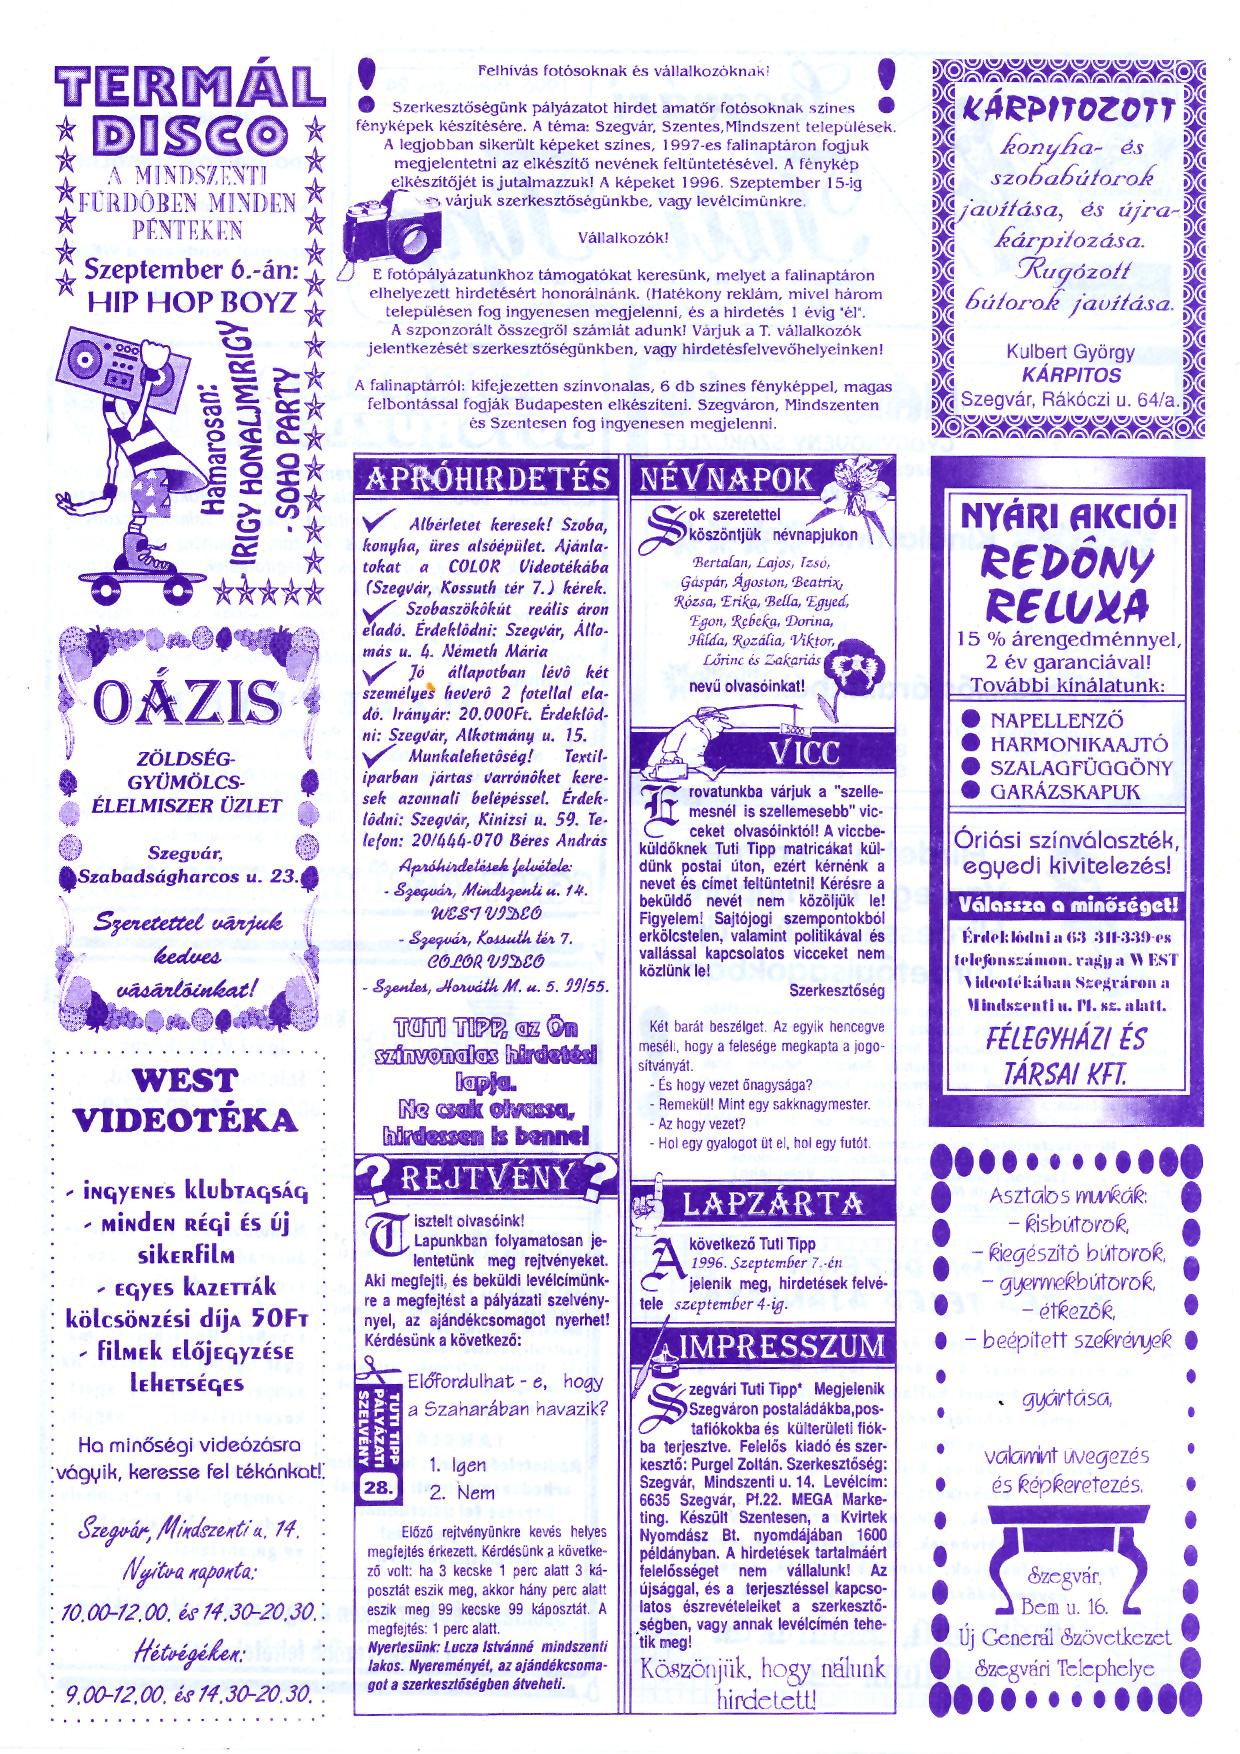 044 Szegvári Tuti Tipp reklámújság - 19960824-028. lapszám - 2.oldal - II. évfolyam.jpg